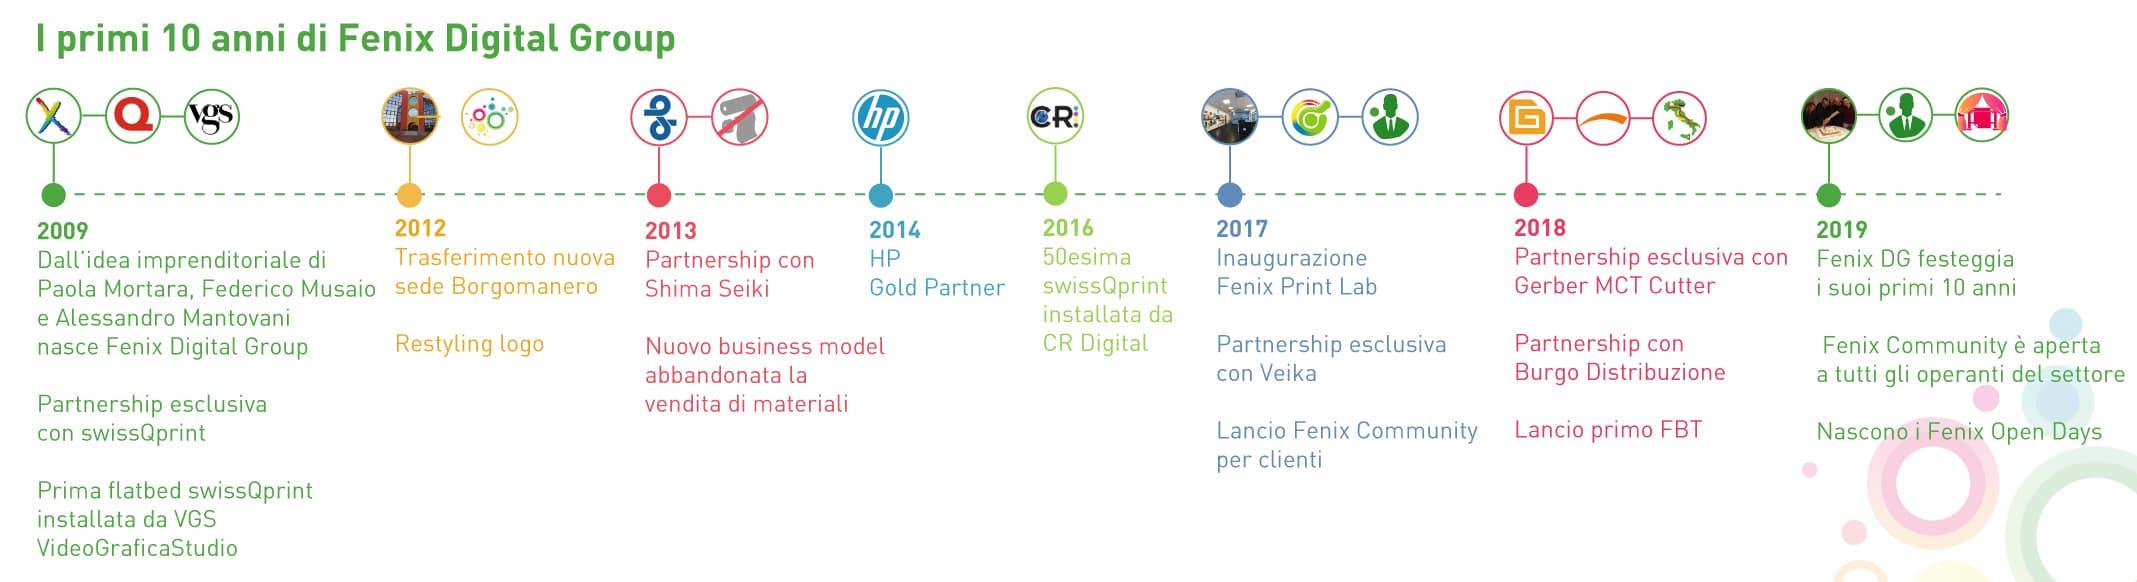 infografica-fenix-milestones